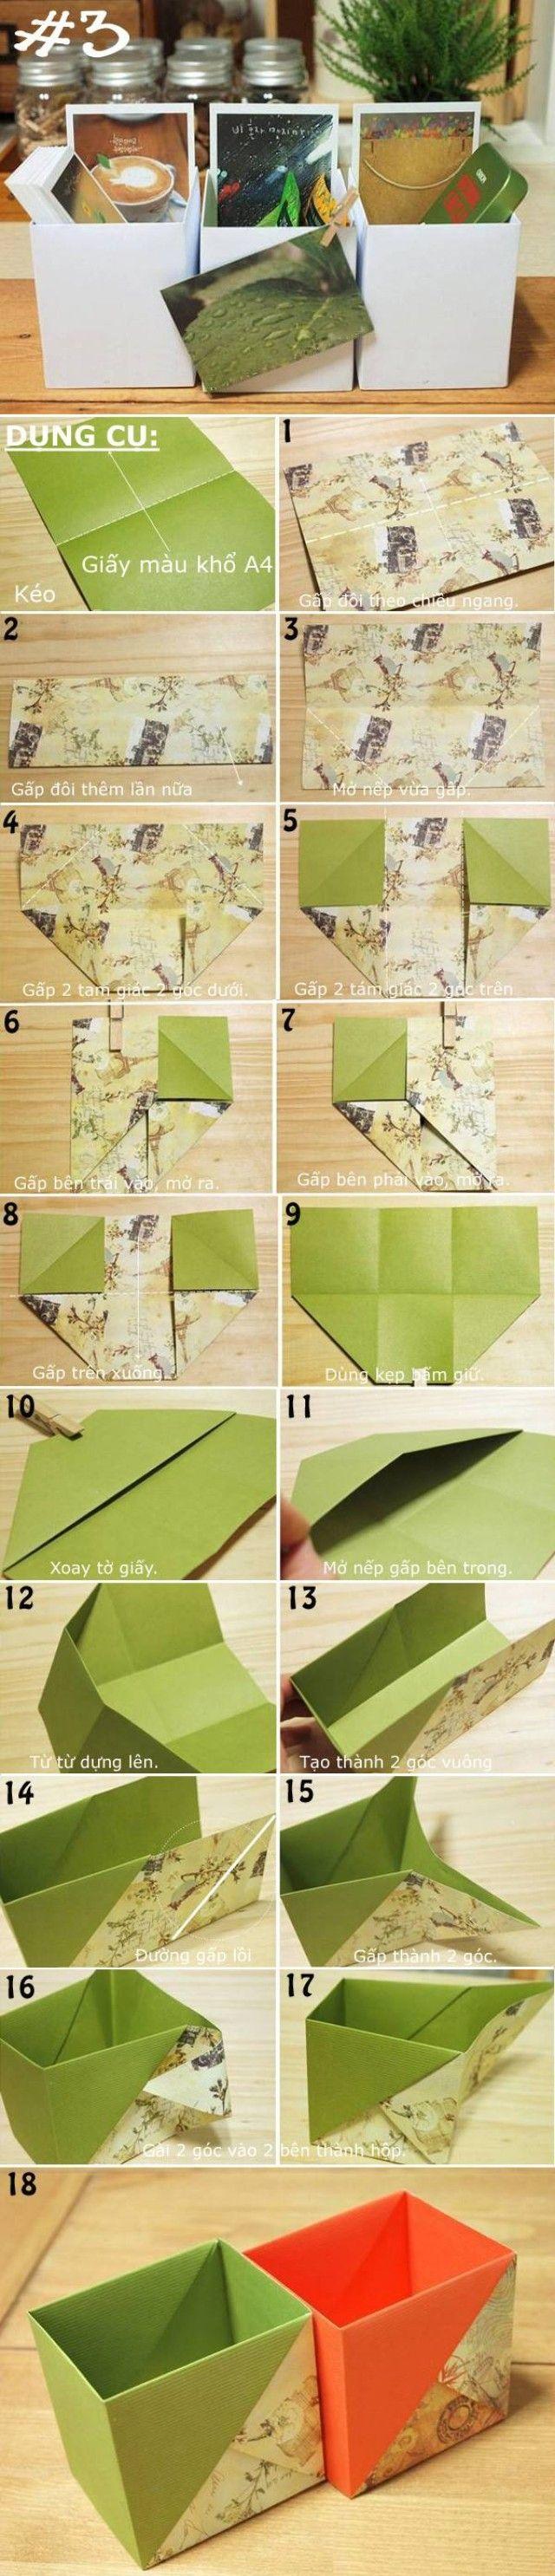 Gấp giấy thành đủ kiểu hộp đựng đồ hữu ích - Kenh14 Mobile